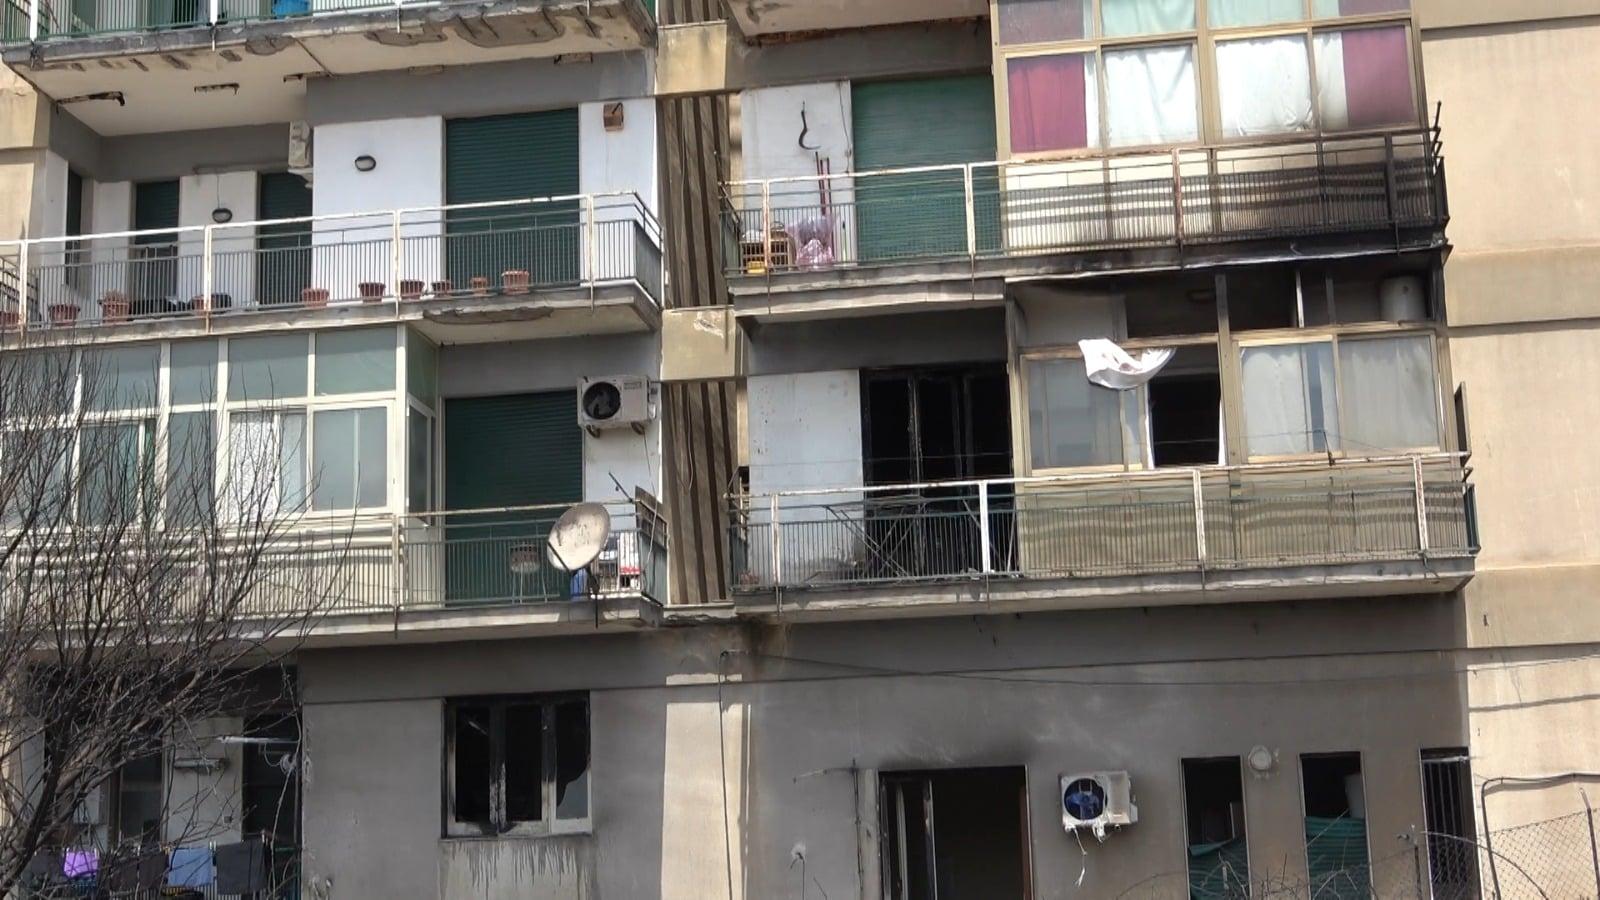 Incendi a Catania, il Comune pubblica avviso per contributo di 3mila euro agli sfollati: ecco come richiederlo